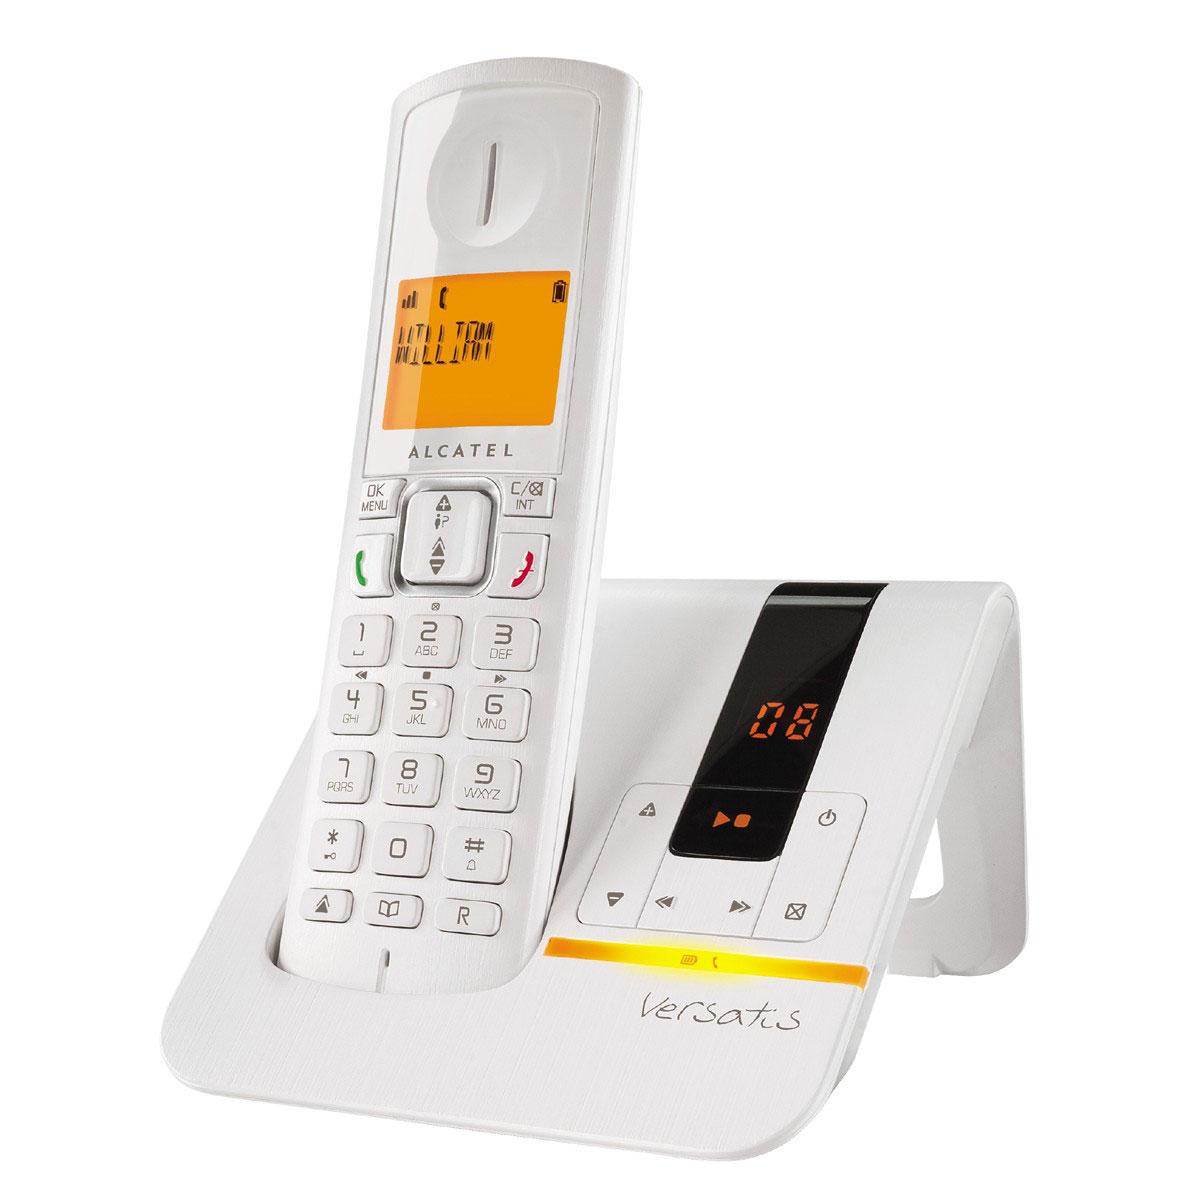 alcatel versatis f200 voice blanc t l phone sans fil alcatel sur ldlc. Black Bedroom Furniture Sets. Home Design Ideas